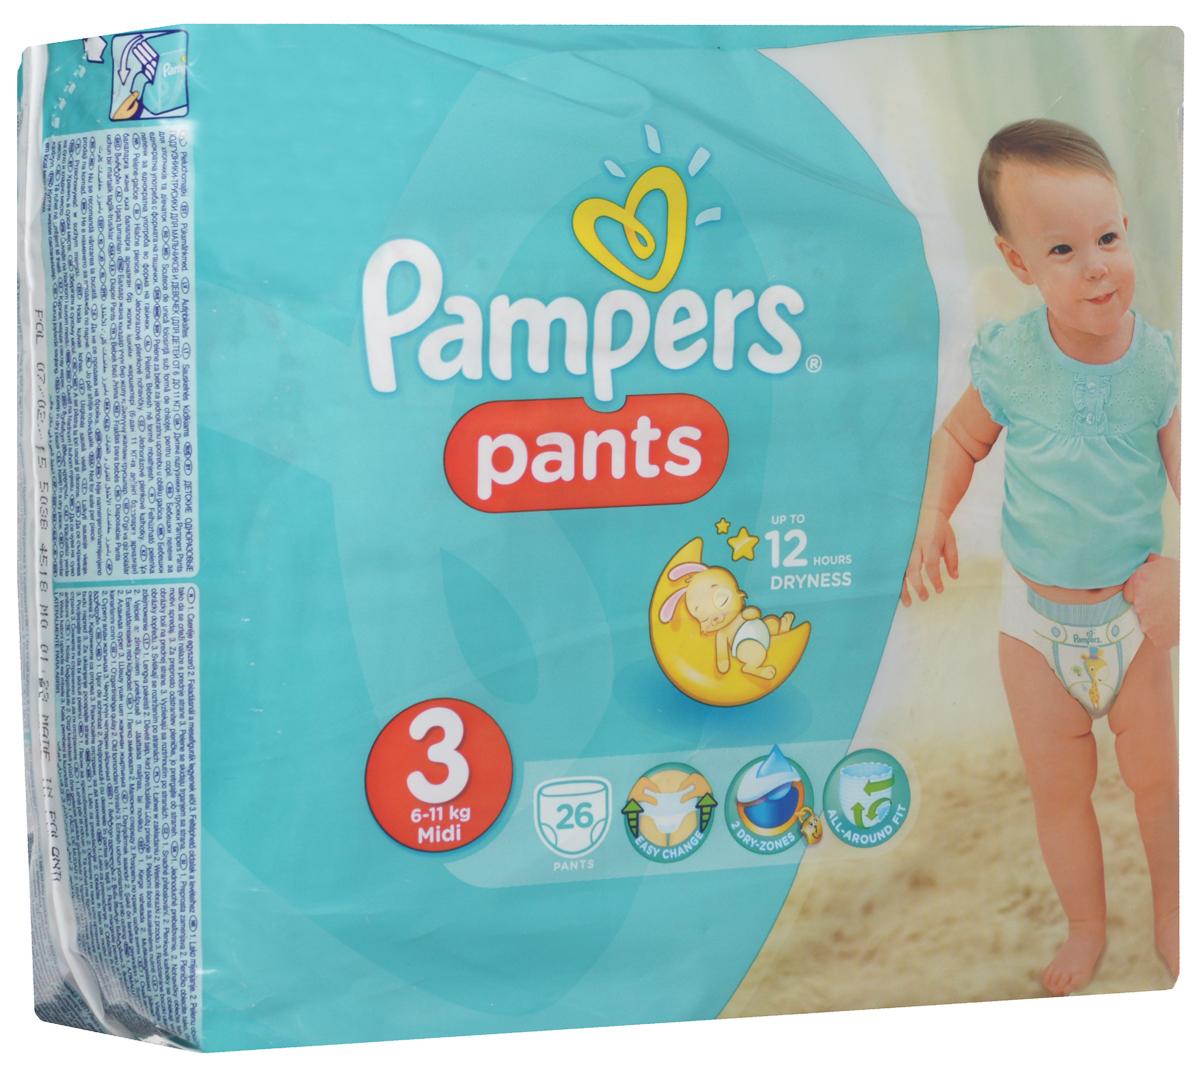 Pampers Pants Трусики 3 6-11 кг 26 штPA-81500923Трусики Pampers Pants непревзойденно сухие трусики для мальчиков и девочек! Если малыш крепко спал всю ночь, значит он проснется в хорошем настроении. Новые трусики Pampers Pants обеспечивают непревзойденную сухость для мальчиков и девочек. Только у трусиков Pampers есть экстра впитывающий слой, который быстро впитывает и равномерно распределяет влагу. Благодаря уникальному слою трусики Pampers обеспечивают непревзойденную сухость на всю ночь для счастливого и доброго утра. До 12 часов сухости в удобной форме трусиков. Двойной впитывающий слой. Быстро впитывает и запирает влагу, предотвращая ее контакт с нежной кожей малыша. Идеально сидят. Тянущийся поясок и манжеты для ножек принимают форму тела малыша для его комфорта в любом положении. Содержат дышащие материалы. Микропоры способствуют циркуляции воздуха, помогая коже вашего малыша дышать. Изготовлены из нежных, как хлопок, материалов, чтобы ваш малыш чувствовал себя, как в настоящих хлопковых...